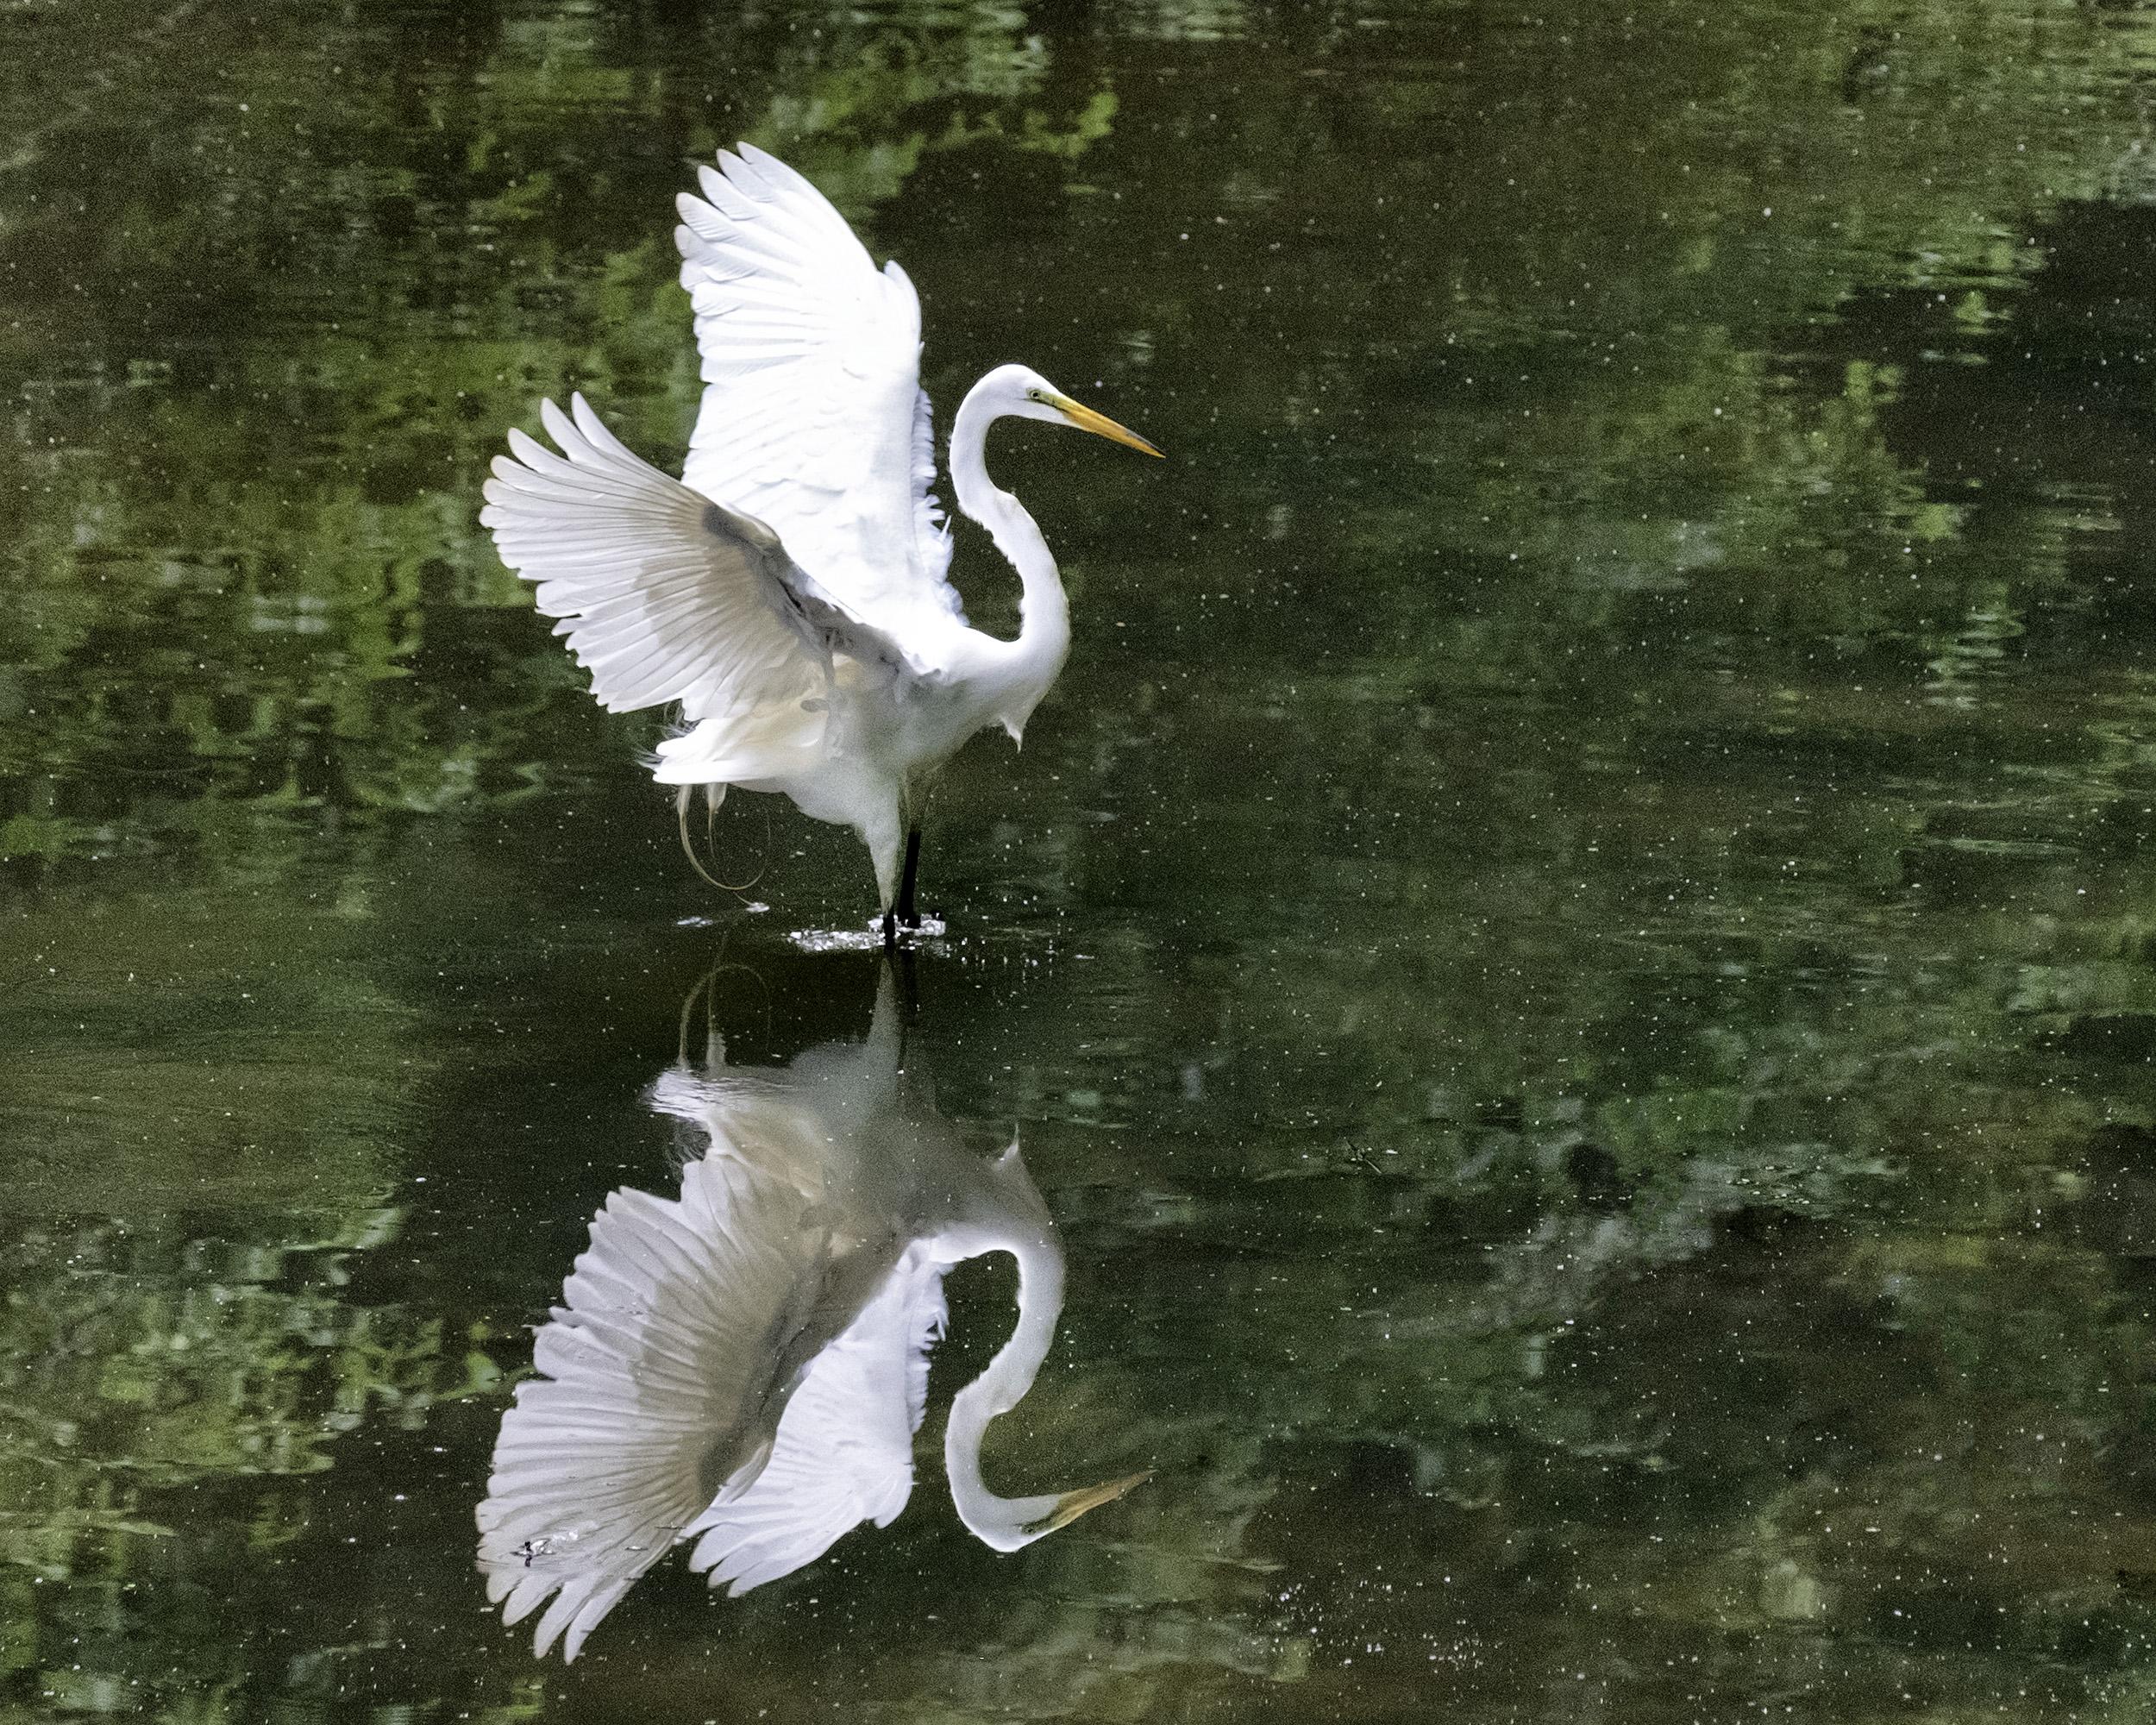 190518 Canal Birds XT2 161-1 cln.jpg